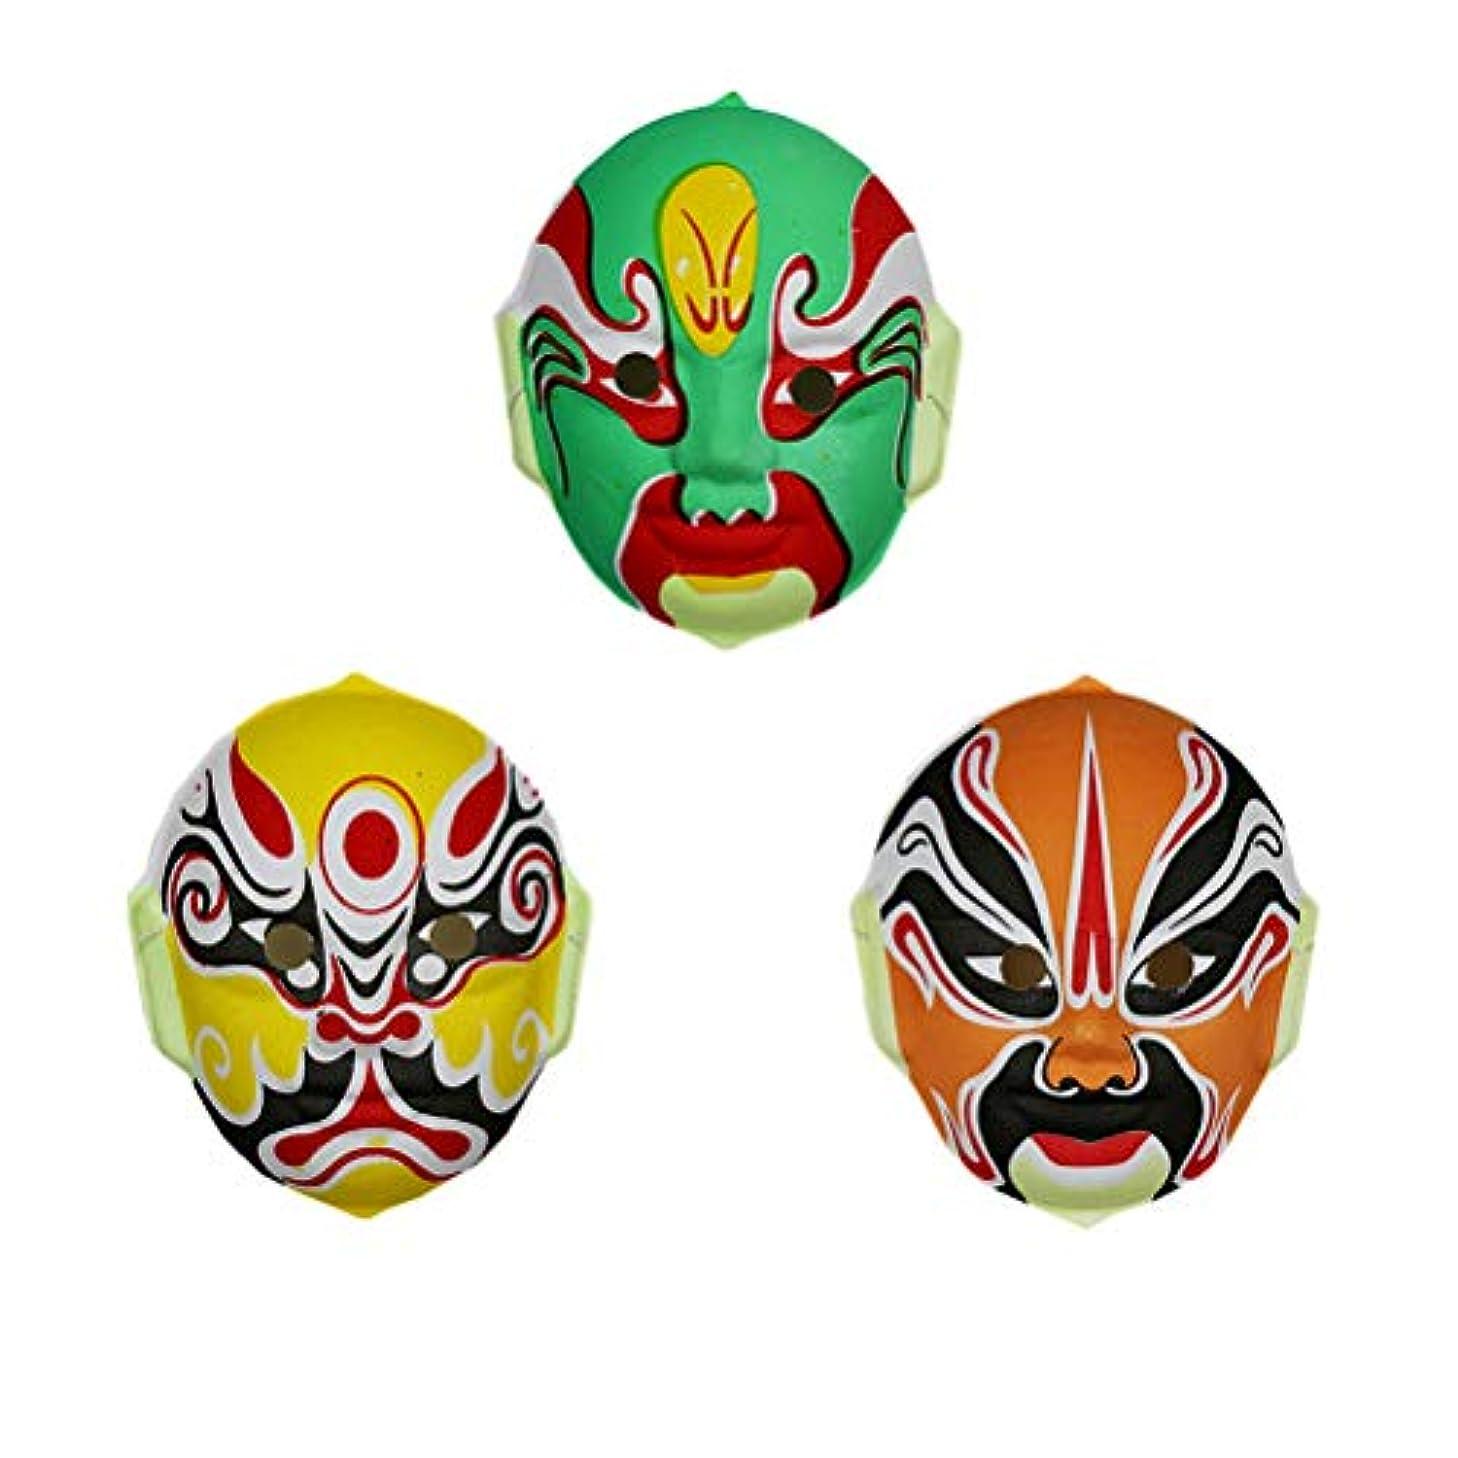 つまらない振幅強化TINKSKY 3本 中国 オペラマスク 伝統オペラマスク ハロウィーン コスプレ小道具 パーティー用品 (ランダムスタイル)